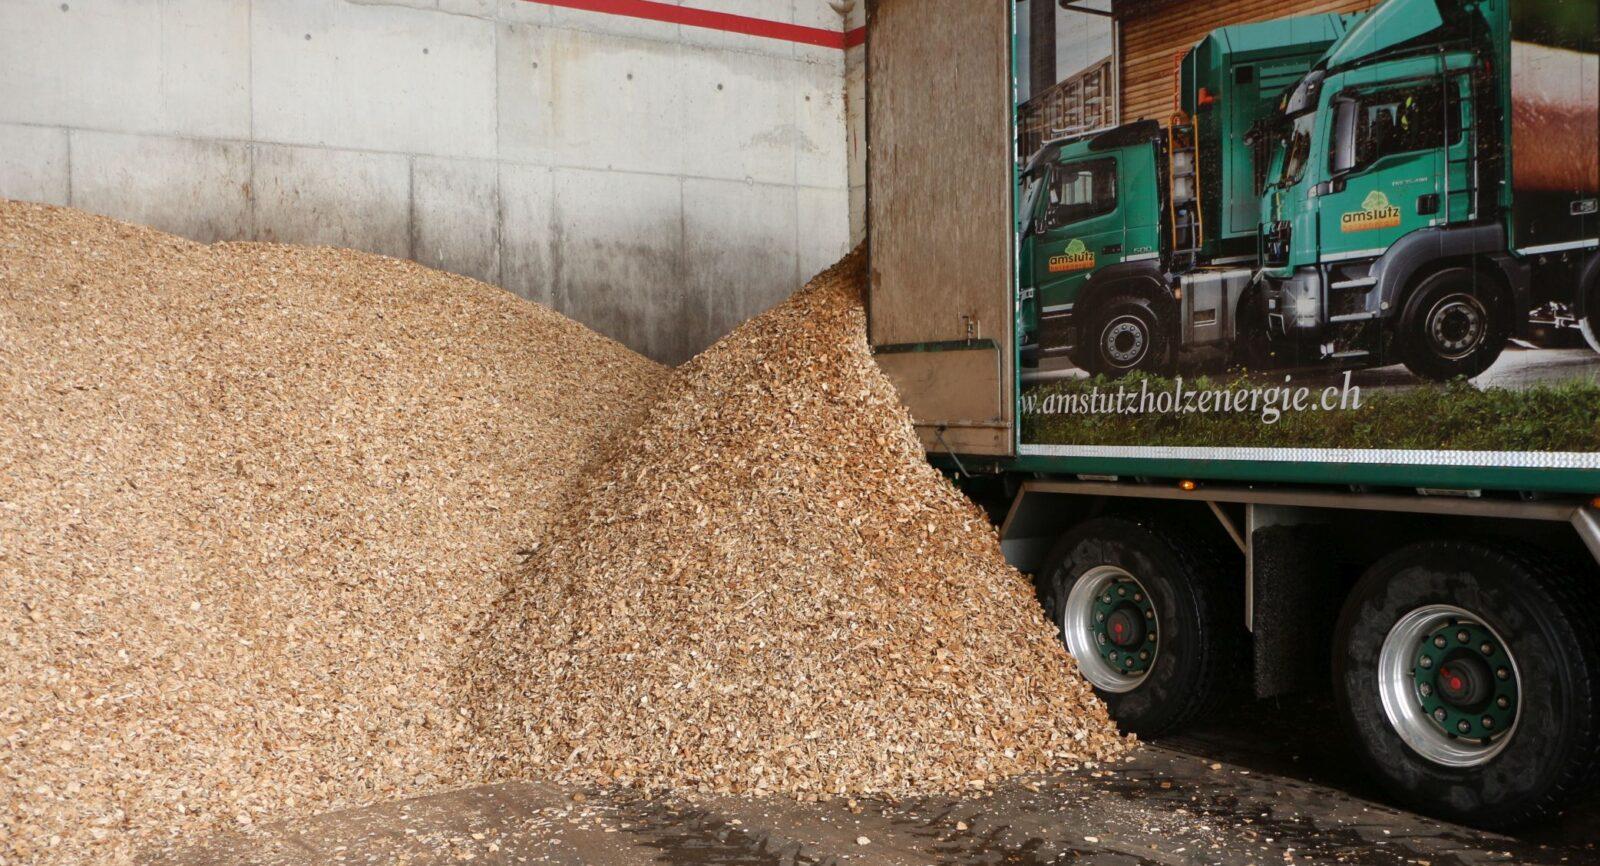 Pro Jahr werden ca. 11'000 m3 getrocknete Hackschnitzel – meistens aus Wäldern der Korporation -  geliefert. Spezialmaschinen verarbeiten Rundholz, Astmaterial oder Sägereirestholz vor Ort zu Hackschnitzeln.